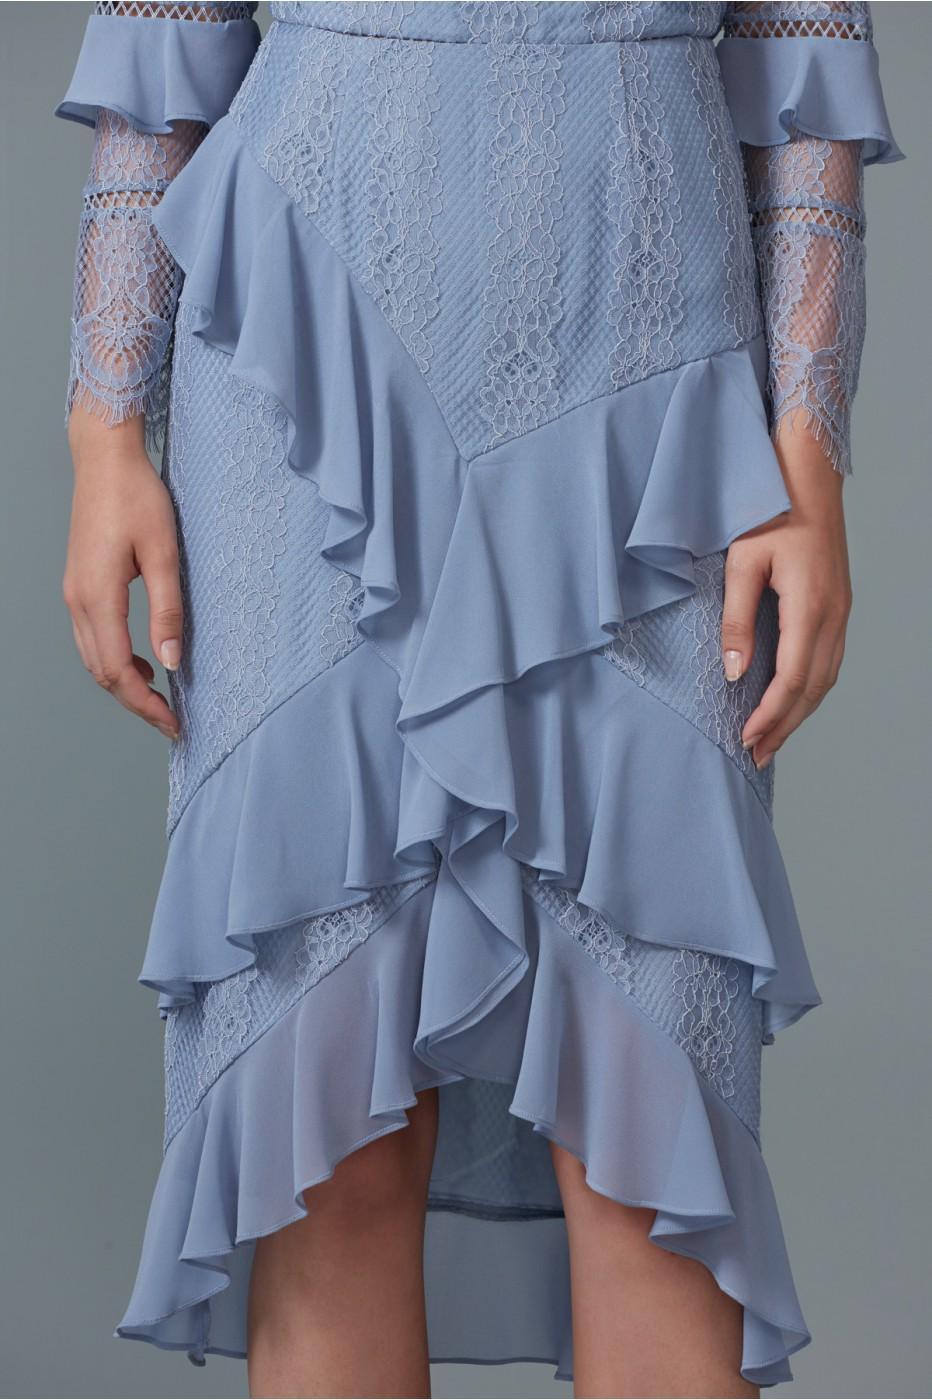 Keepsake Better Days Lace Skirt In Dusty Blue